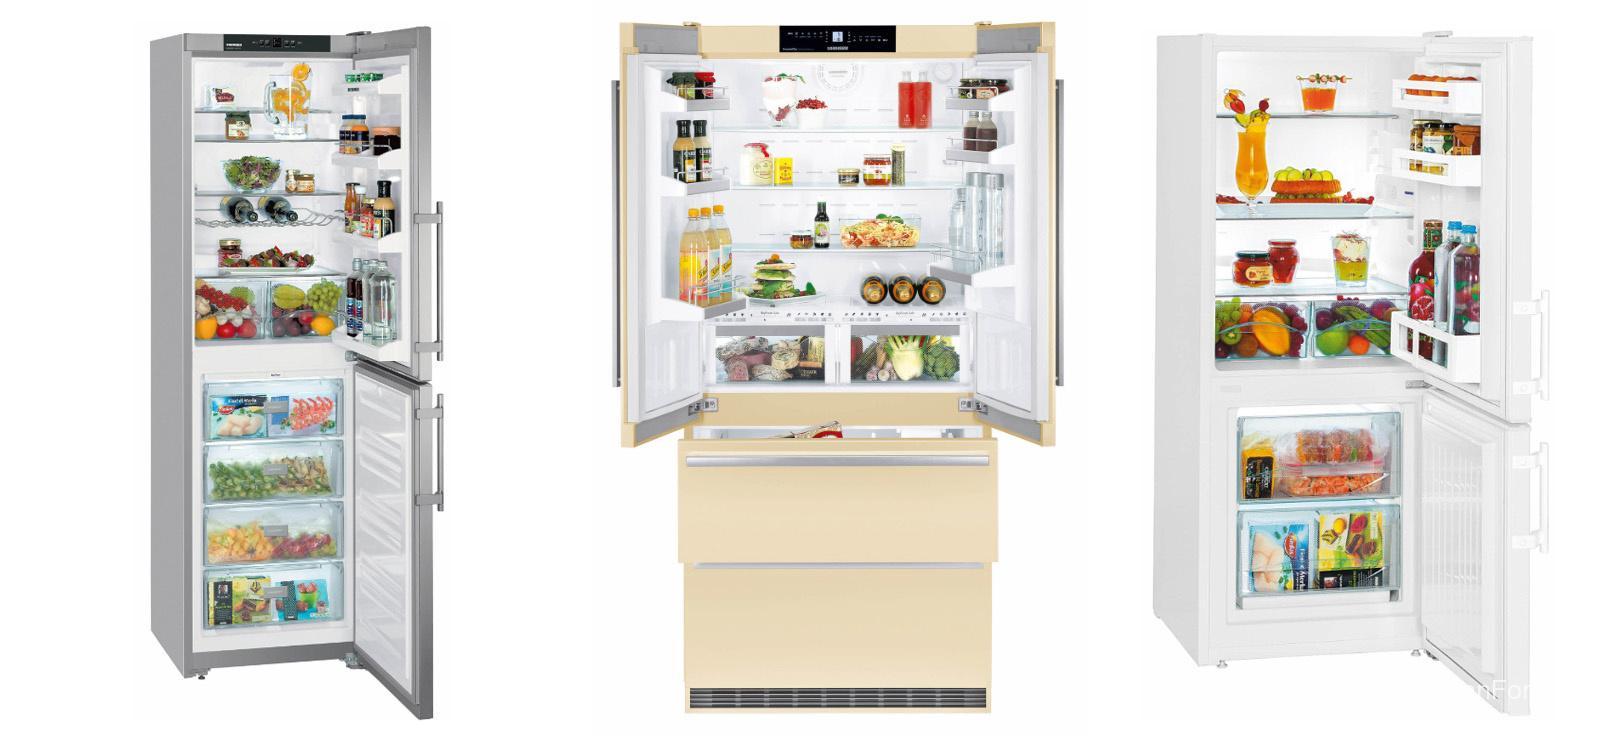 Рейтинг холодильников 2018